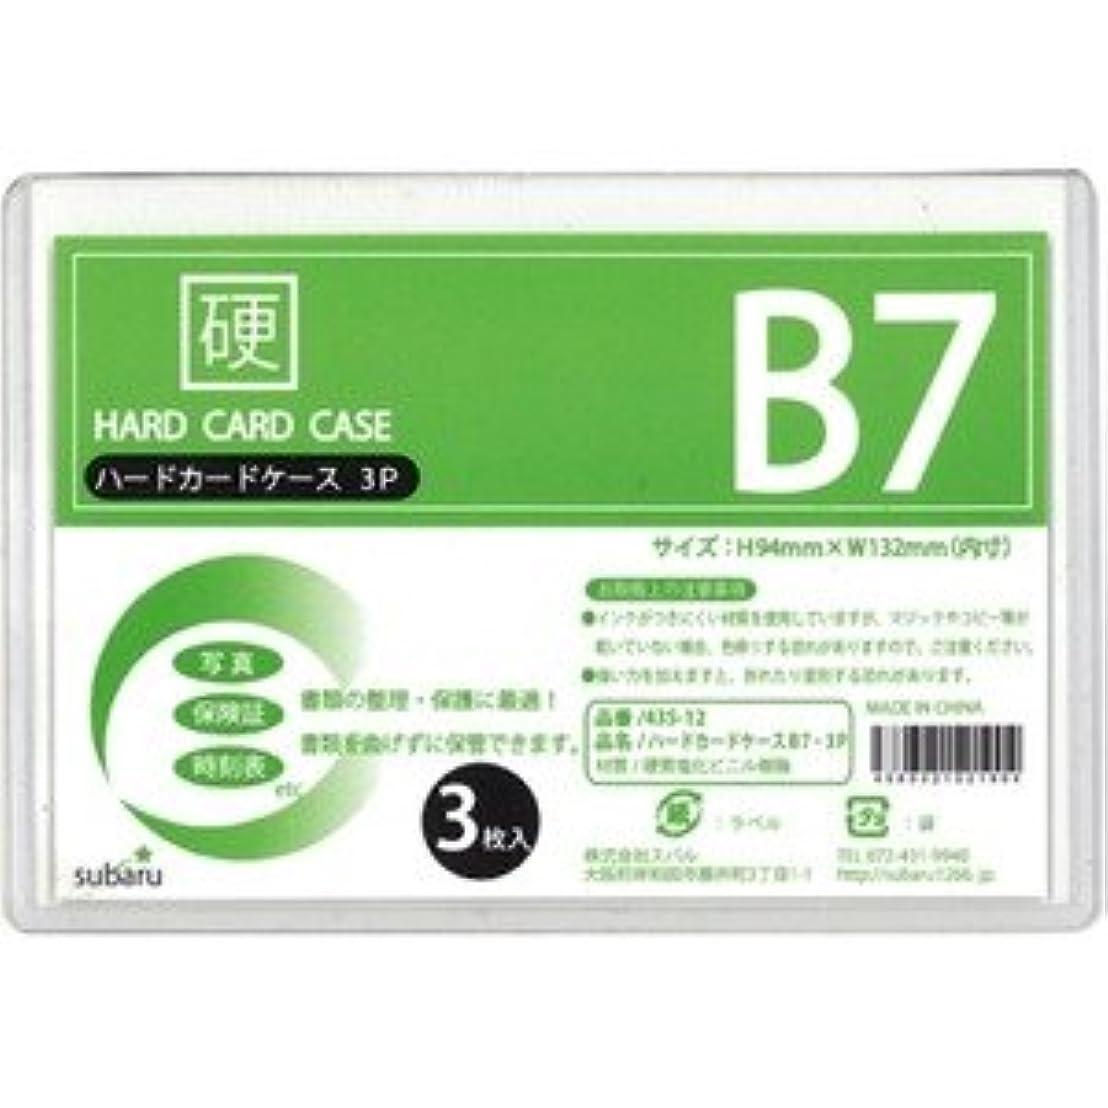 実際の派生するライオネルグリーンストリートハードカードケースB7?3P【12個セット】 435-12